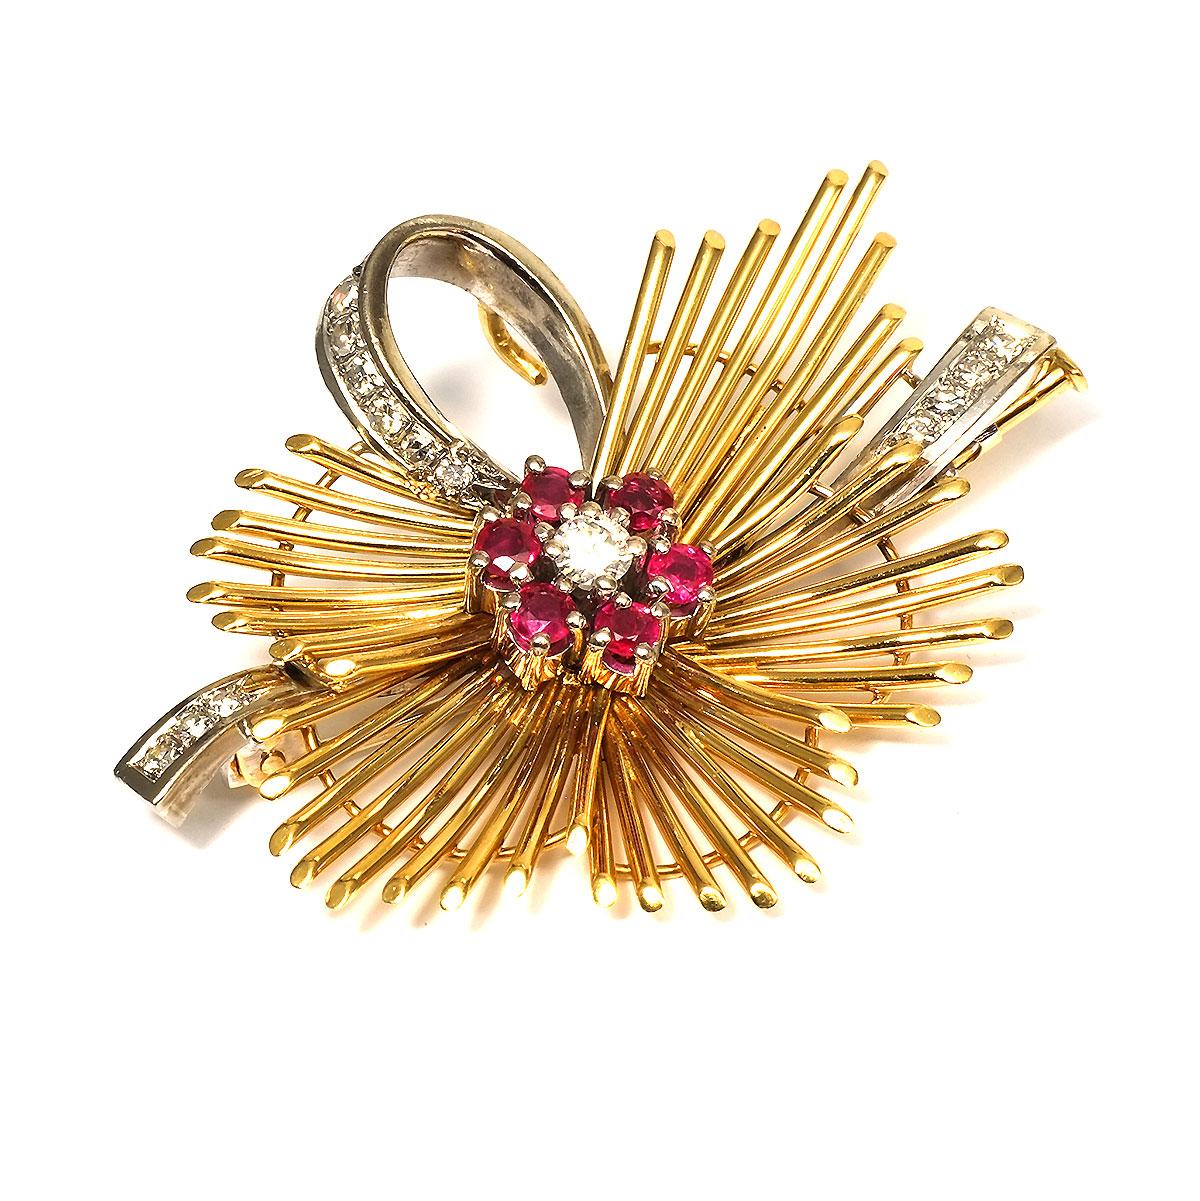 Diamantbrosche Rubin Brosche 18kt 750 Gold Diamanten Brillanten Rubin Broschen & Anstecknadeln